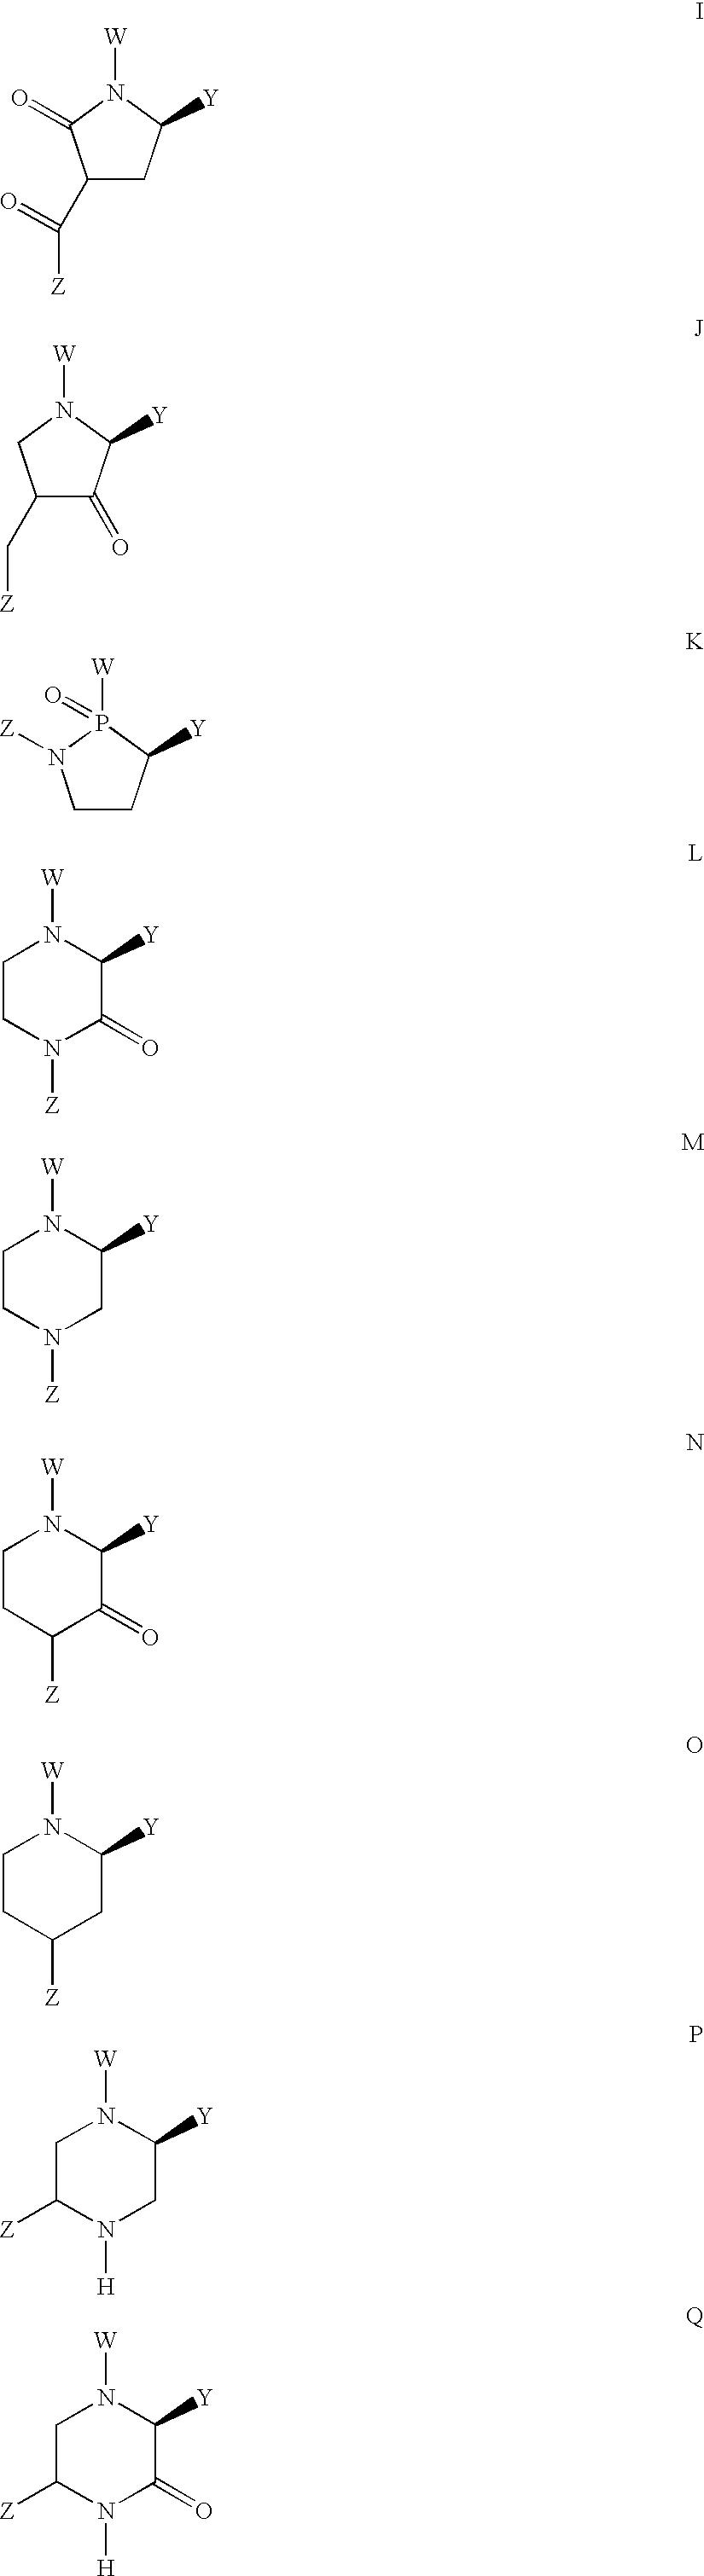 Figure US06911447-20050628-C00065